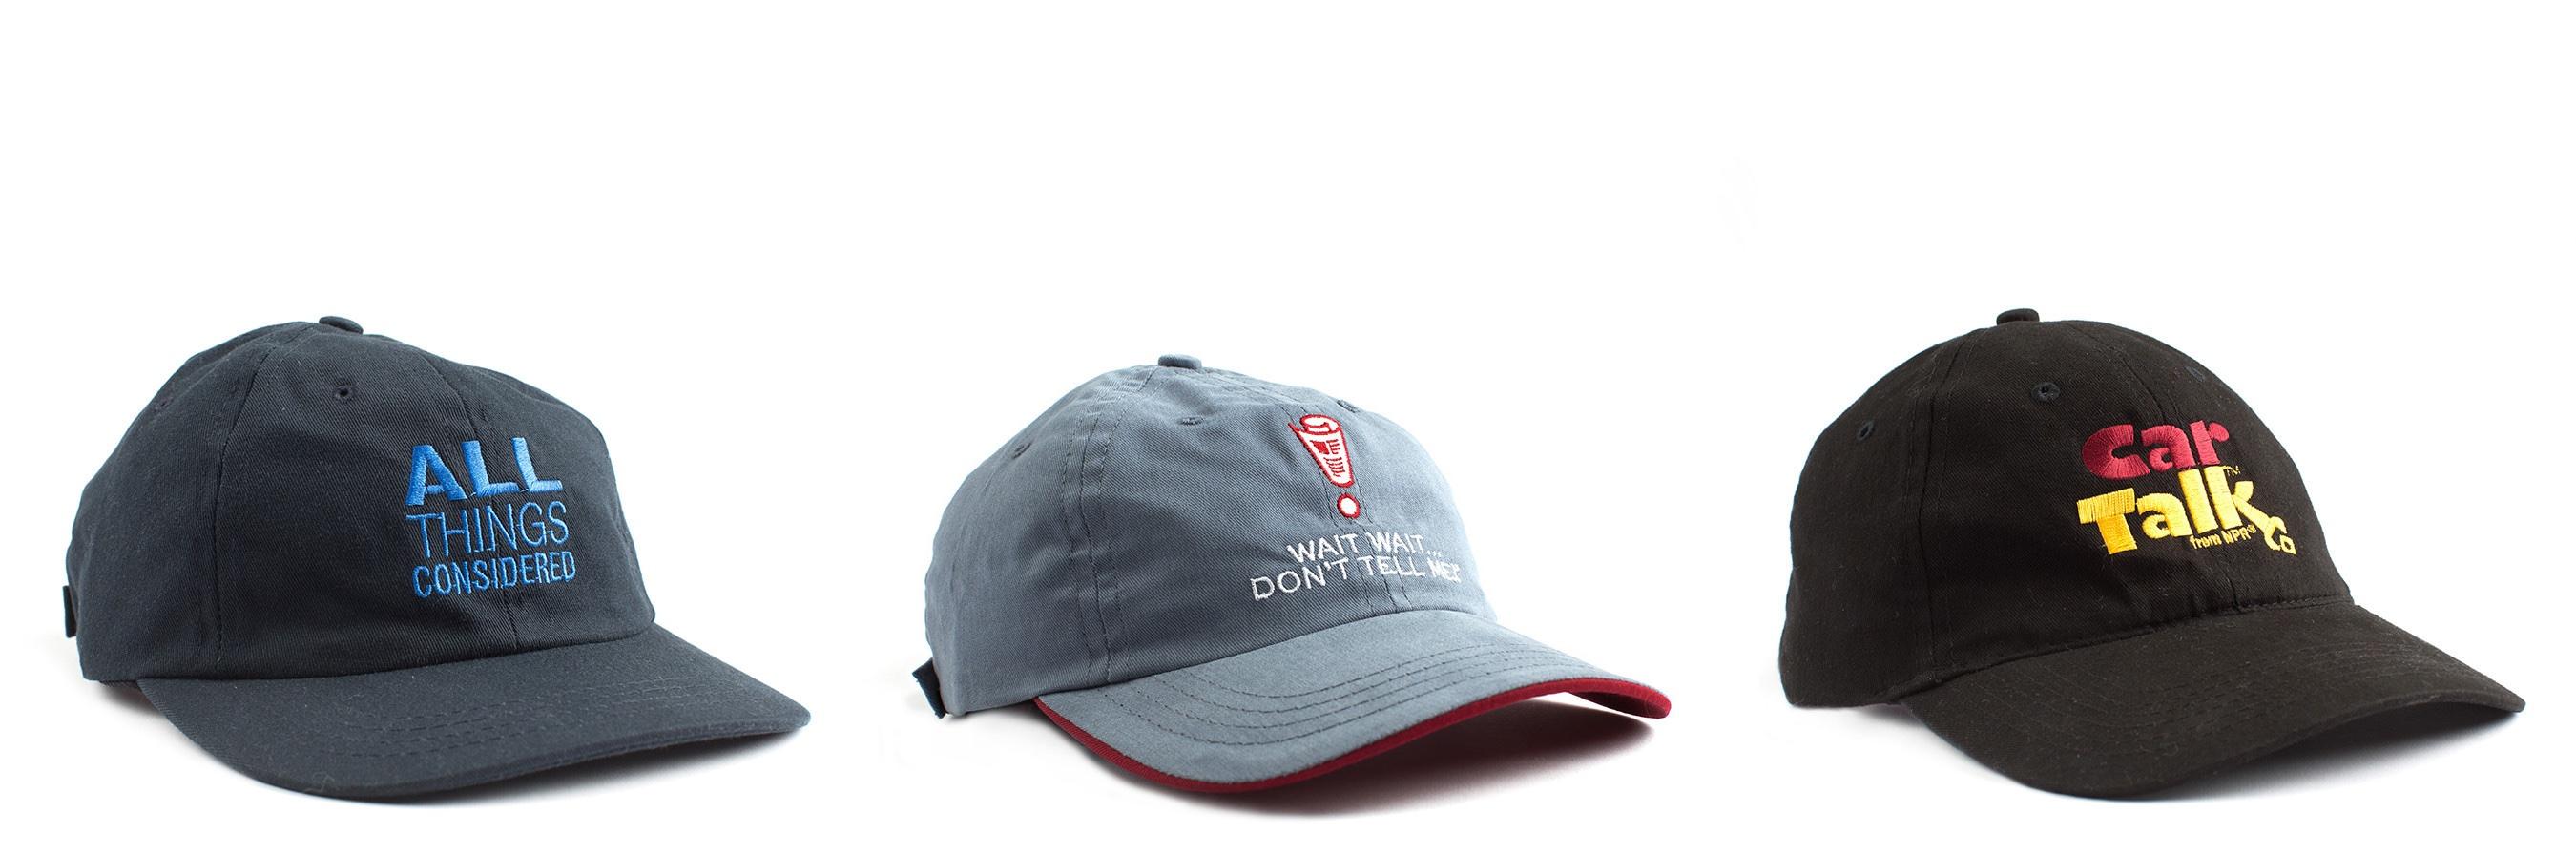 npr-hats-composite